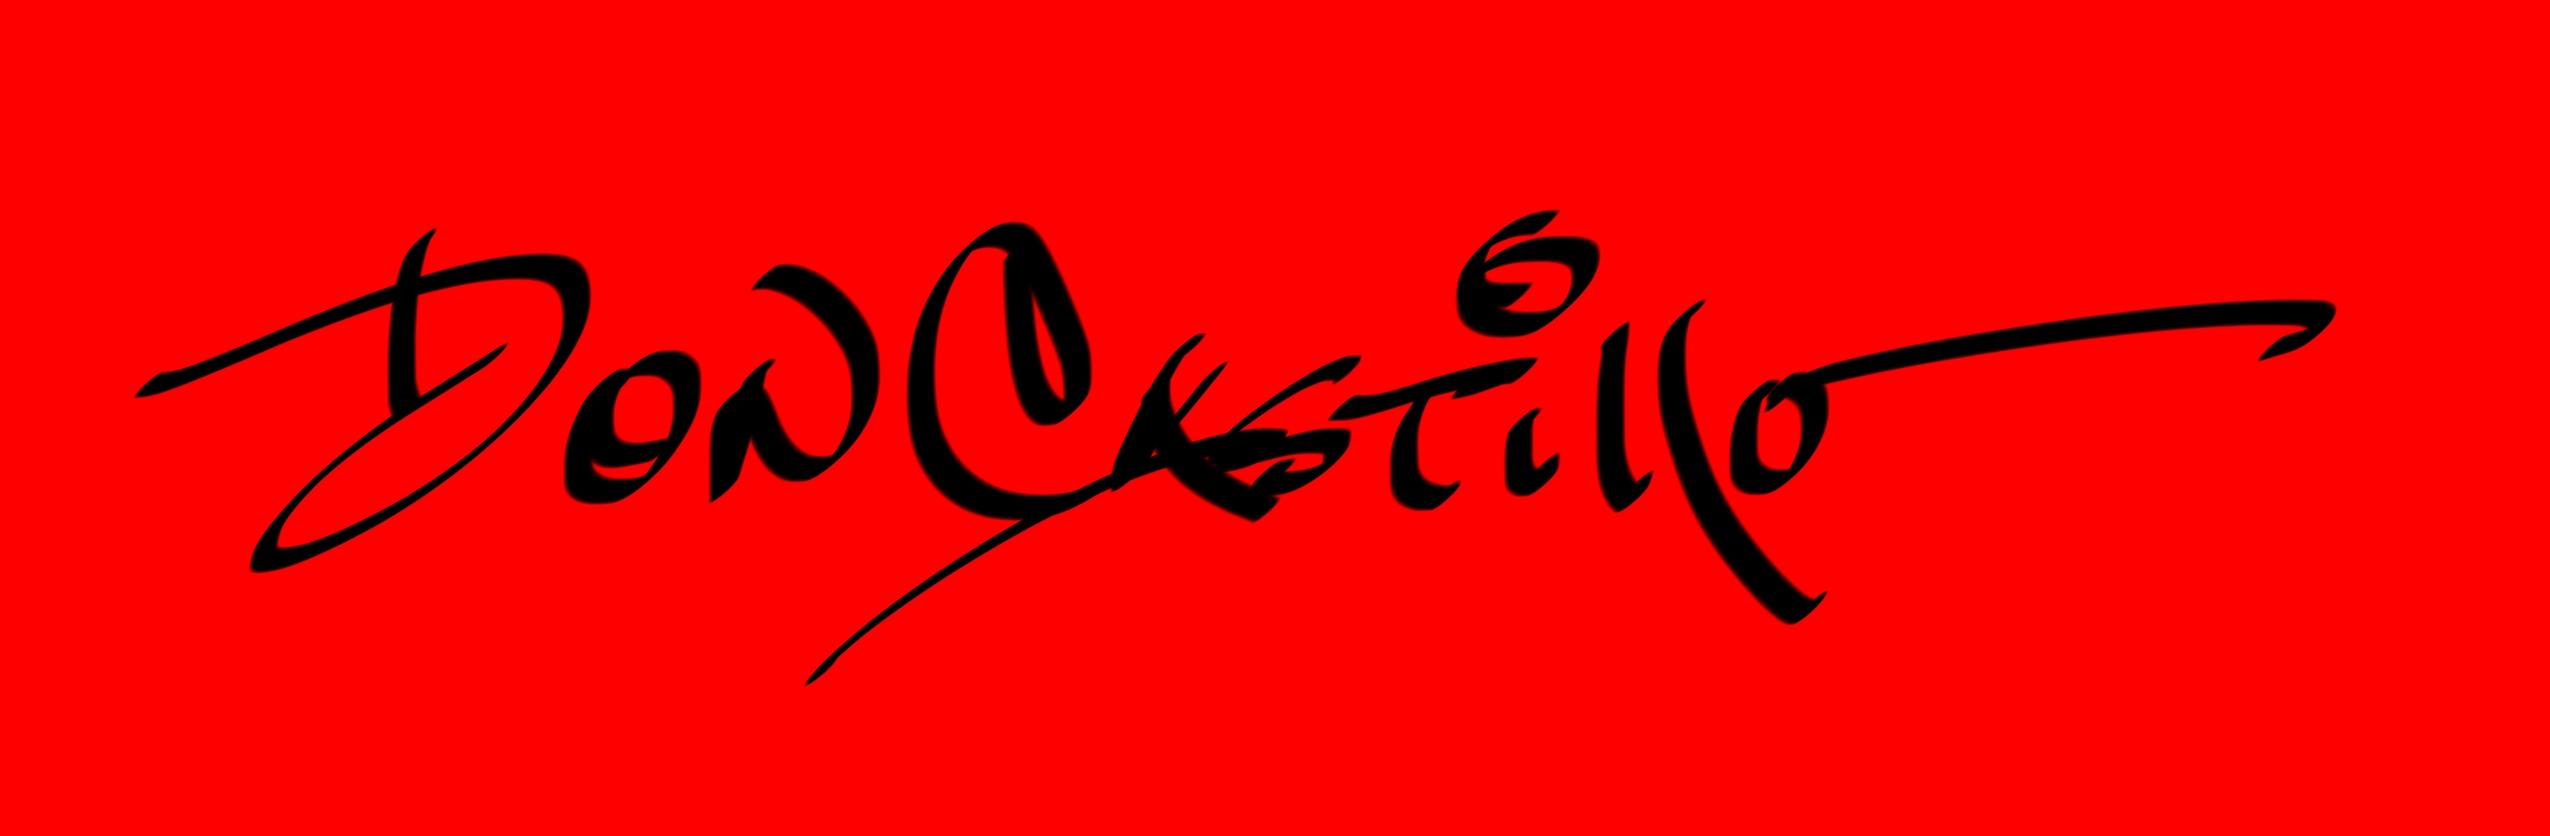 Don Castillo Signature